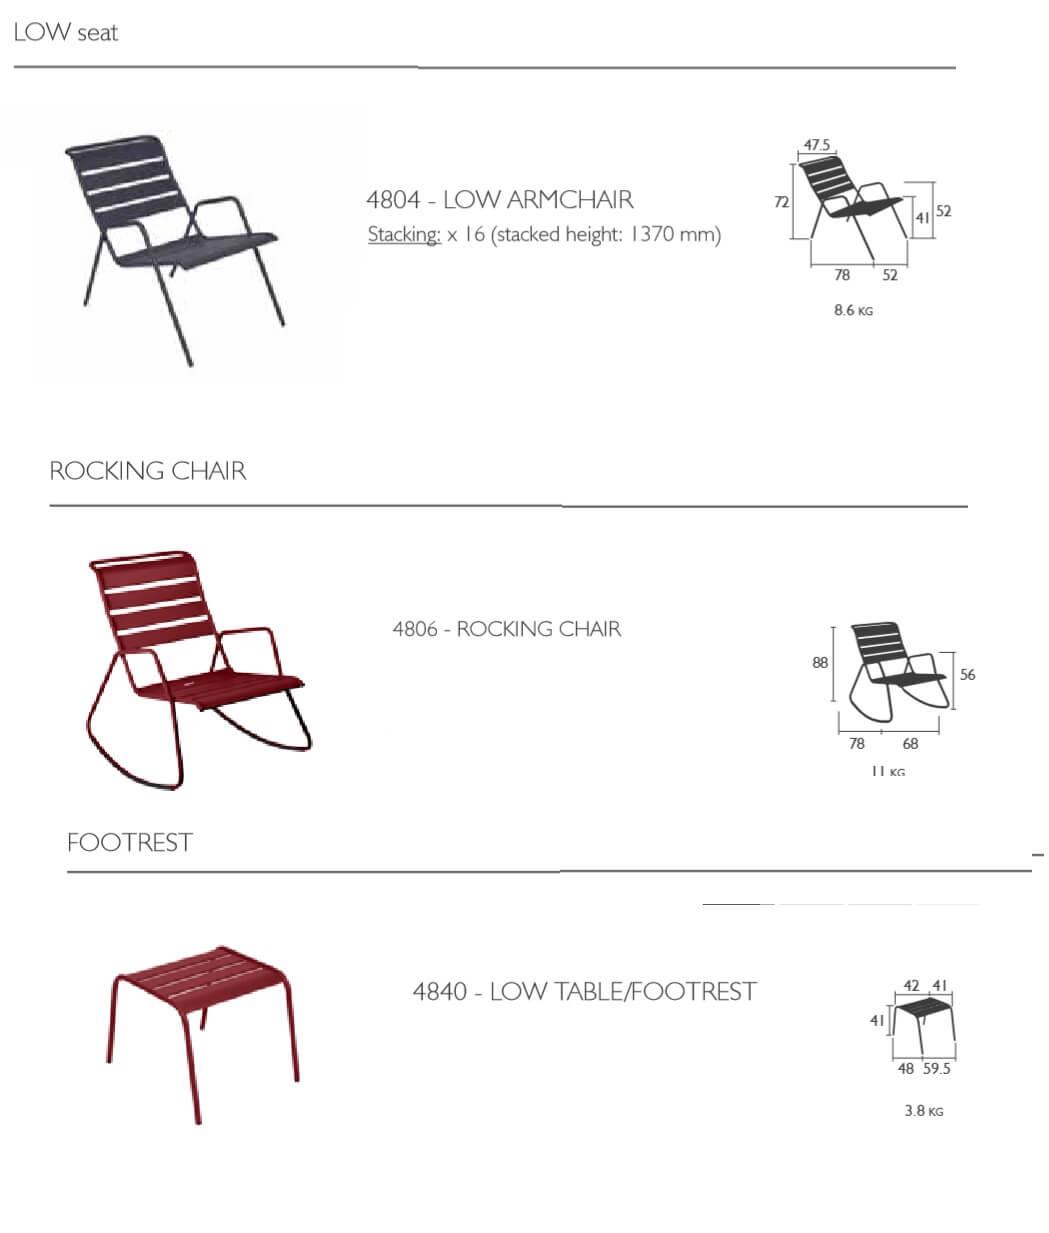 Detalle medidas de los sillones bajos y puffs de la colección MONCEAU de FERMOB